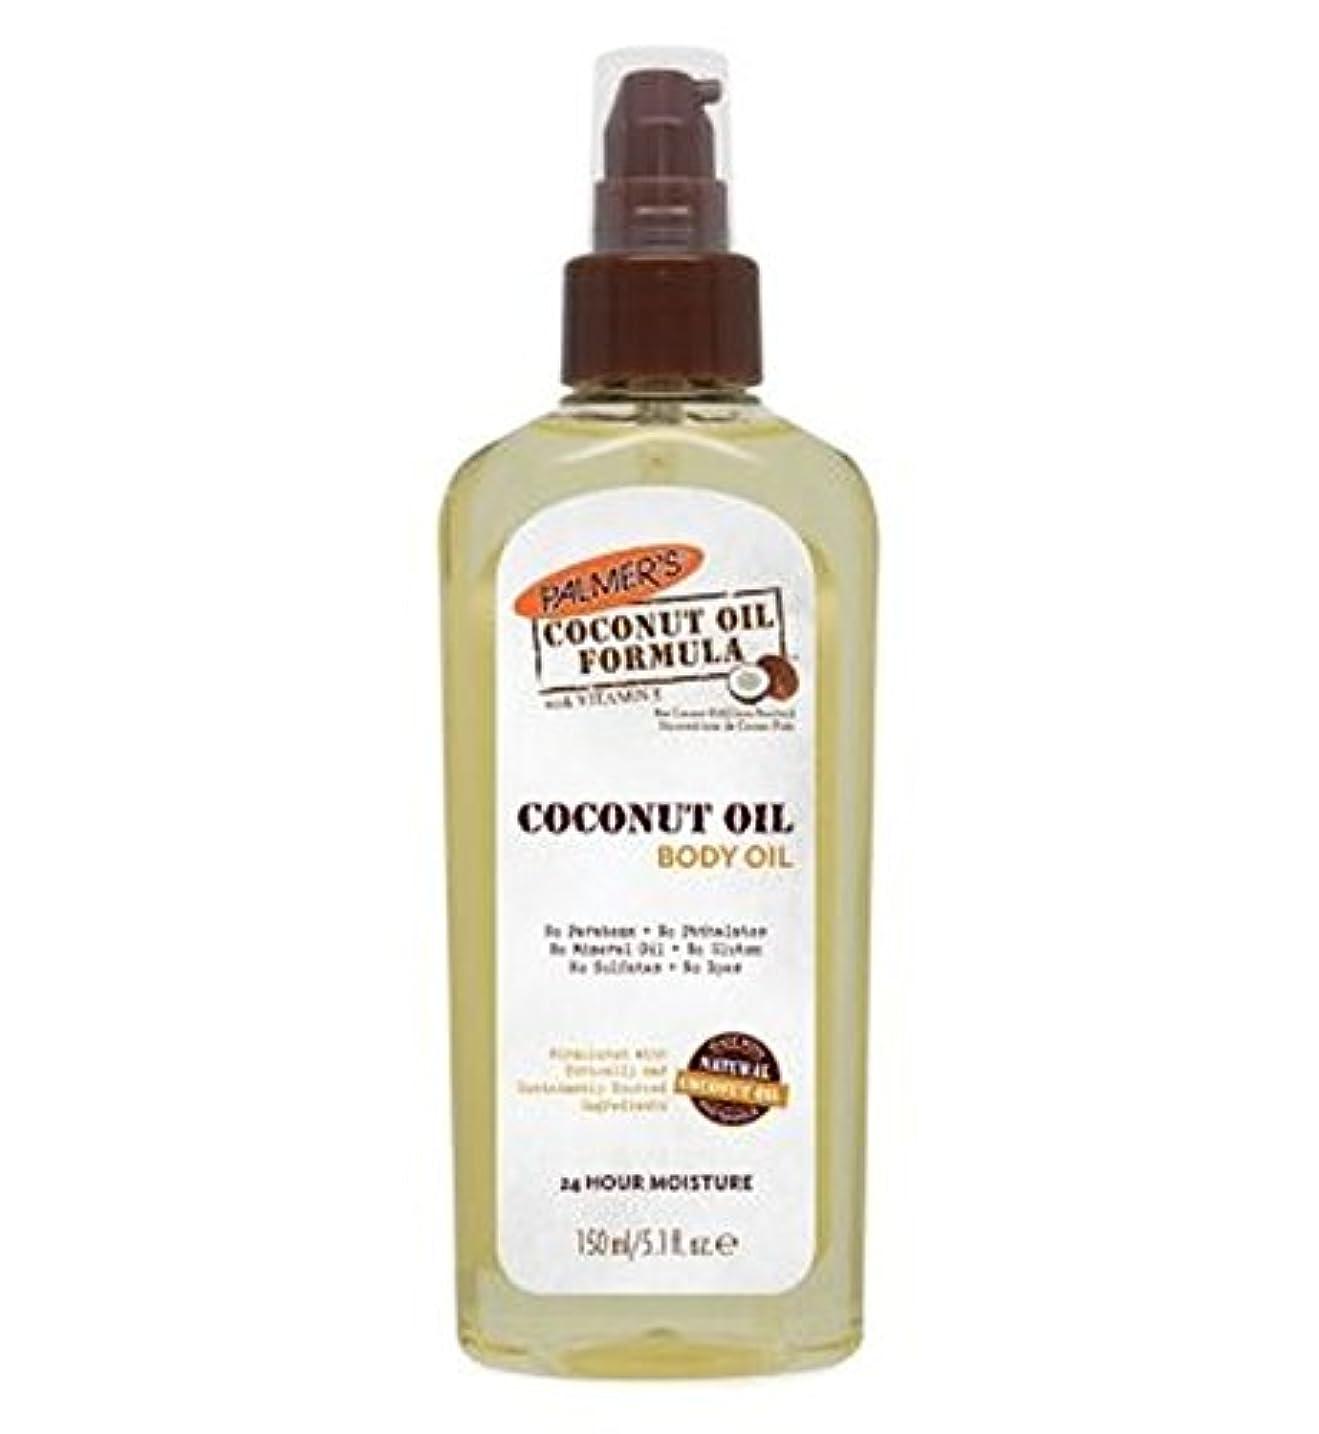 どんよりした批判ピストンPalmer's Coconut Oil Formula Body Oil 150ml - パーマーのココナッツオイル式ボディオイル150ミリリットル (Palmer's) [並行輸入品]